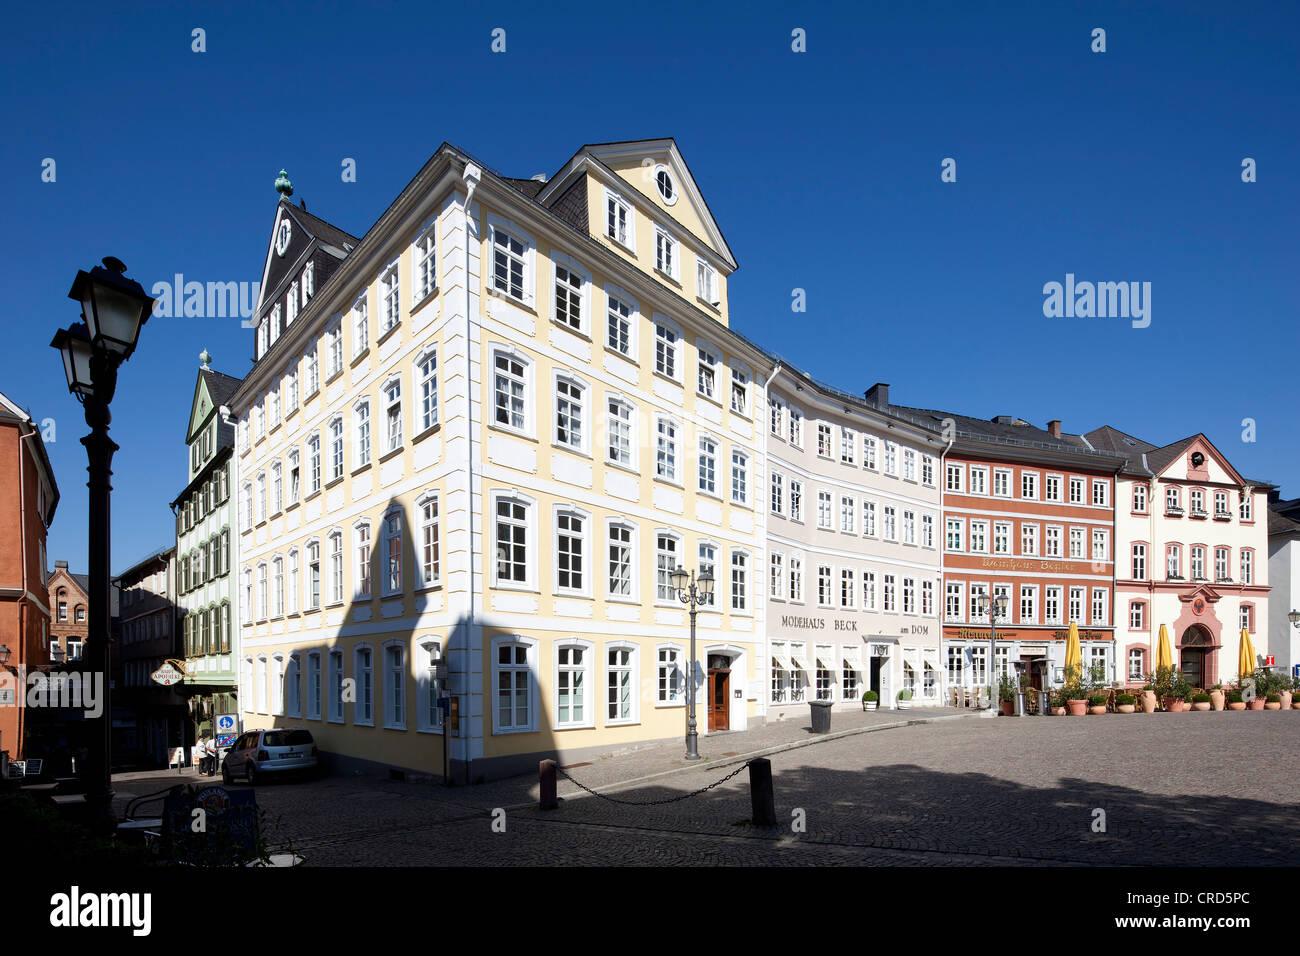 Gewerbliche Gebäude am Domplatz, Domplatz, Wetzlar, Hessen, Deutschland, Europa, PublicGround Stockbild